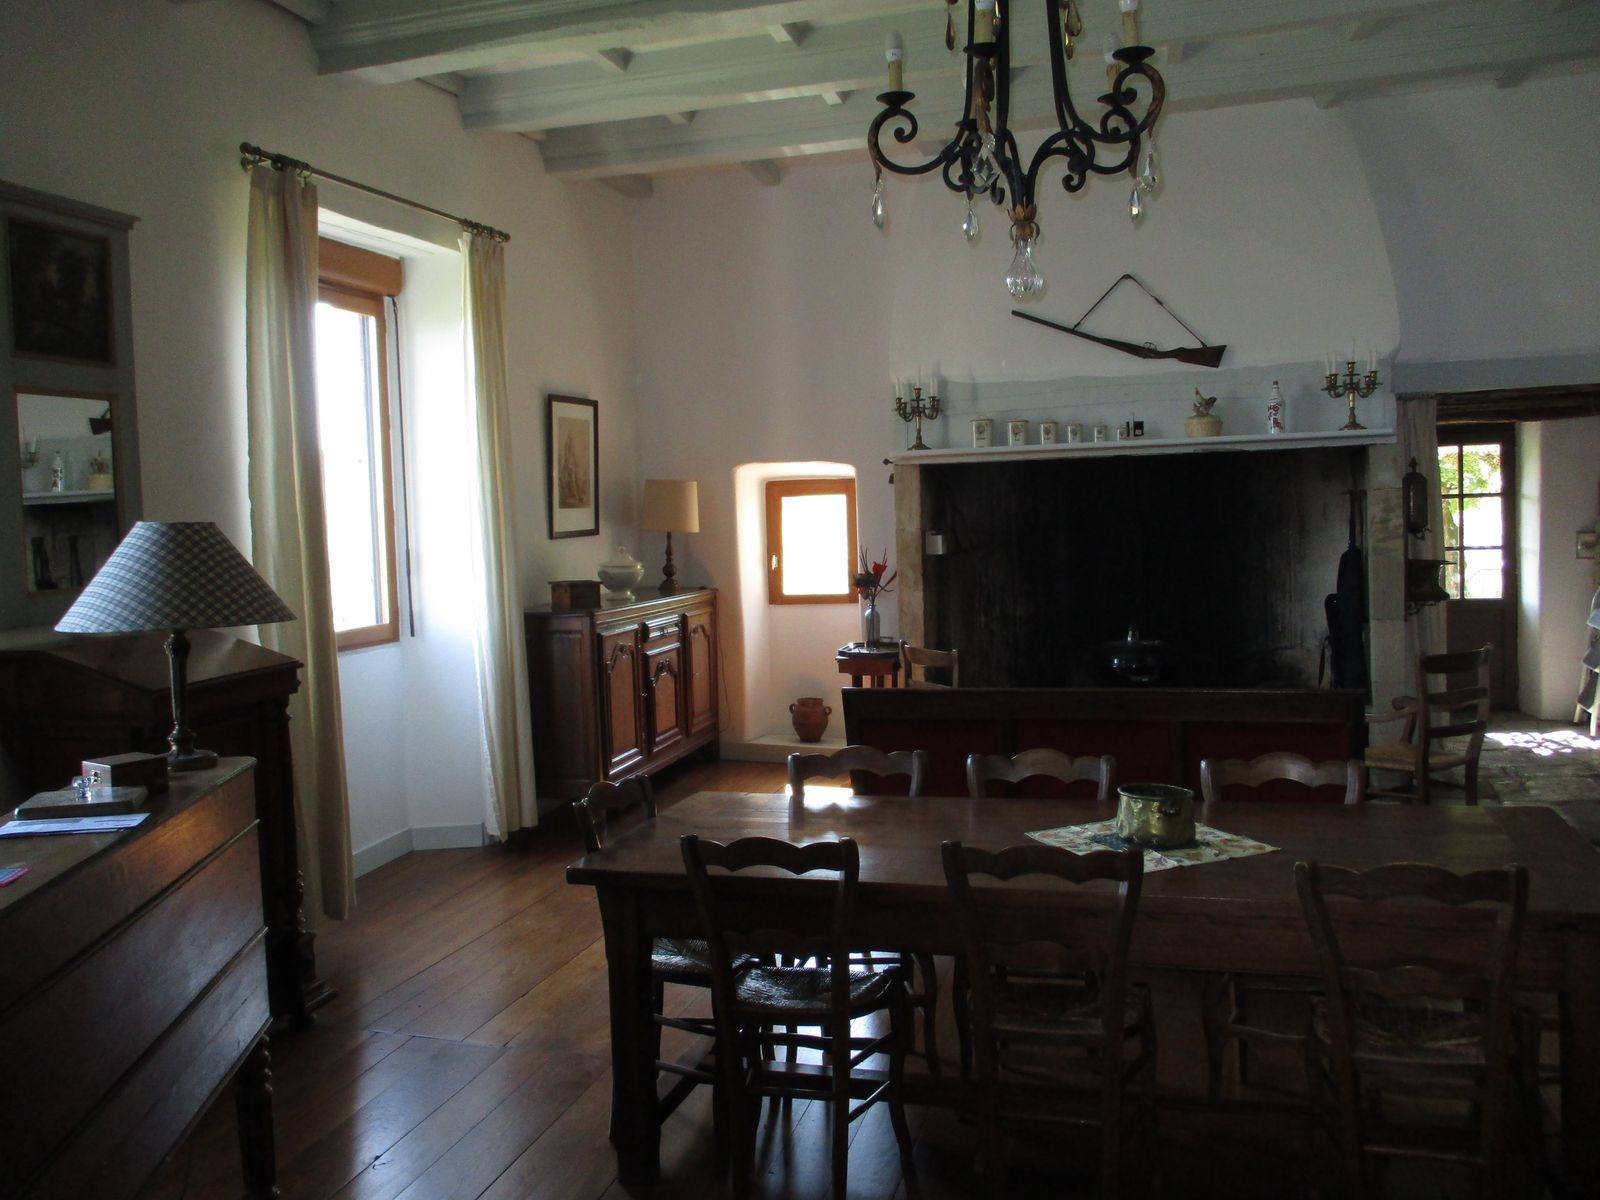 L'Oustal, l'ancestrale pièce à vivre et son âtre accueille nos hôtes dans une chaude ambiance emprunte de rusticité